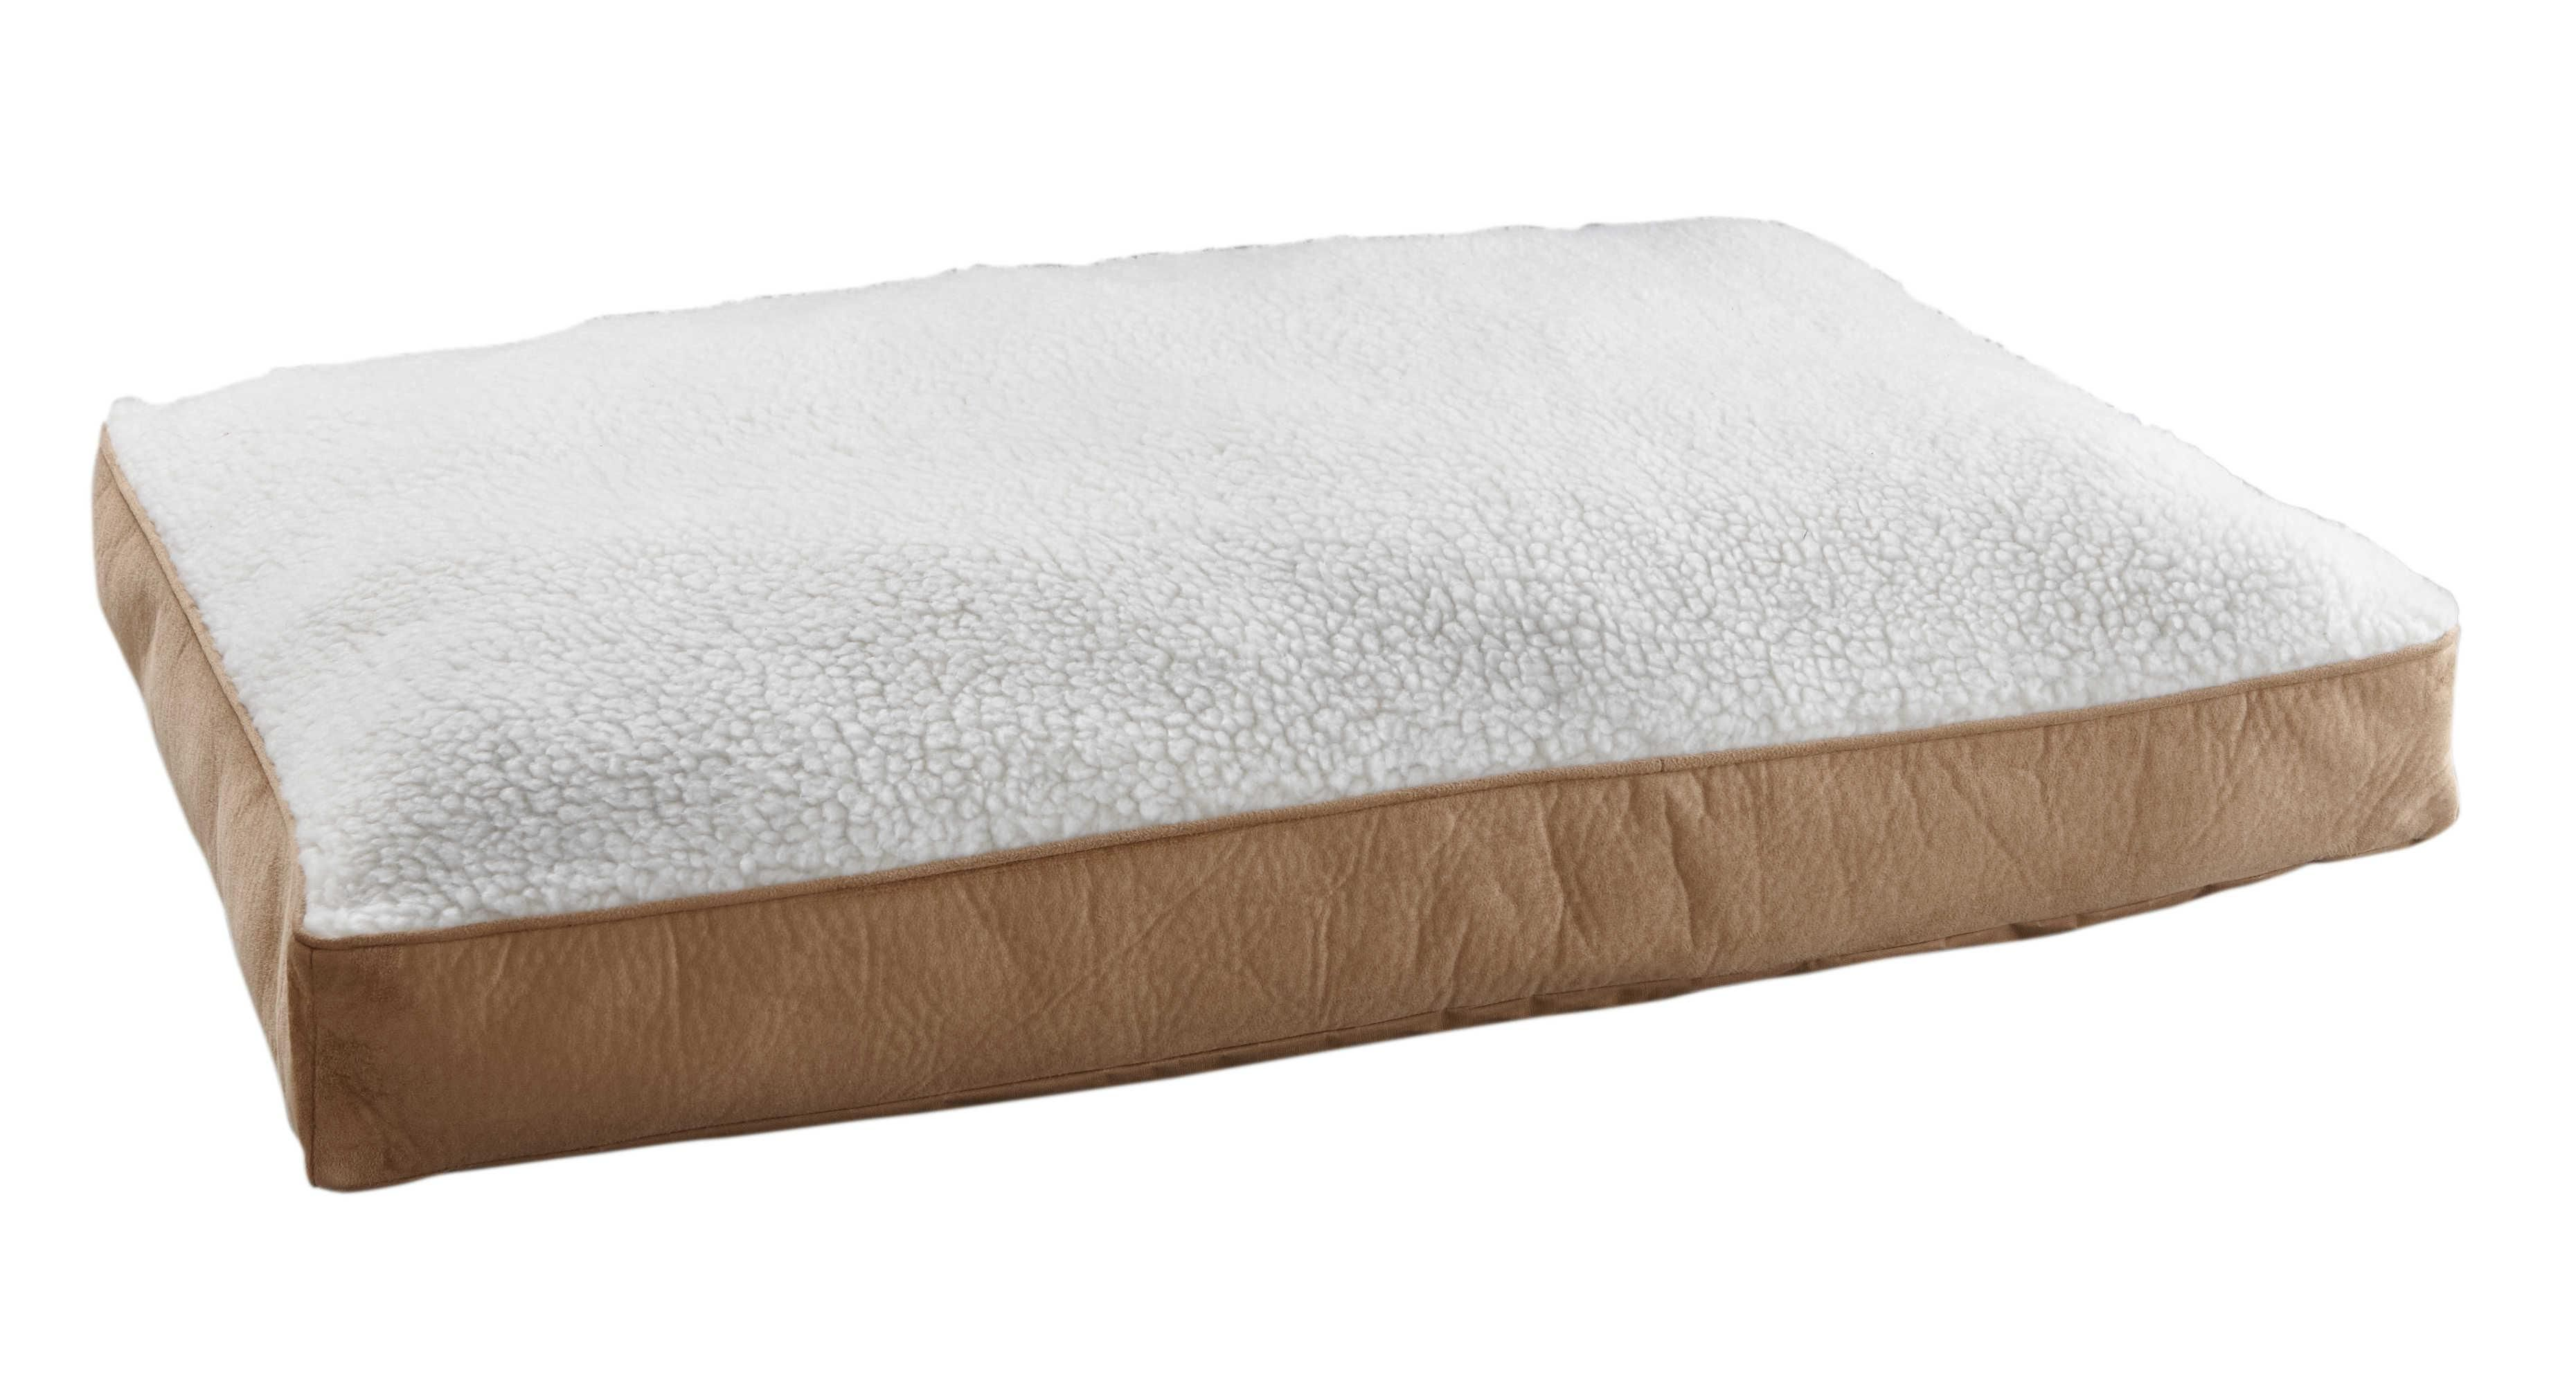 37 AmazonSmile : Animal Planet Sherpa Pet Bed, Large : Animal Planet Dog Bed : Pet Supplies